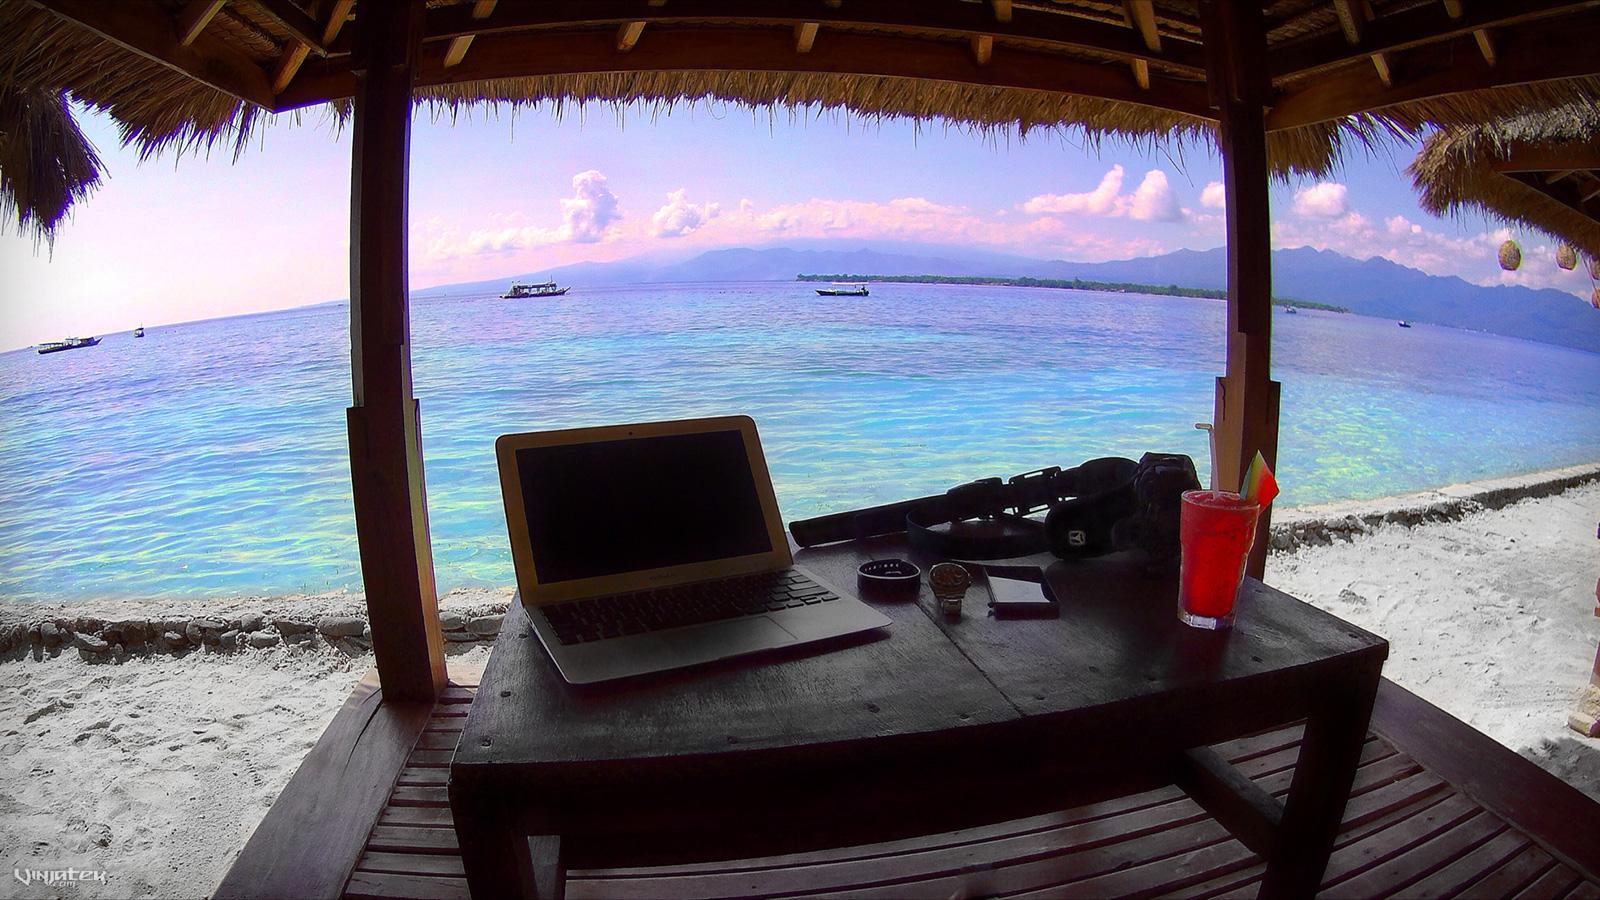 Digital Nomad Office on Gili Meno Island, Indonesia /// Vinjatek